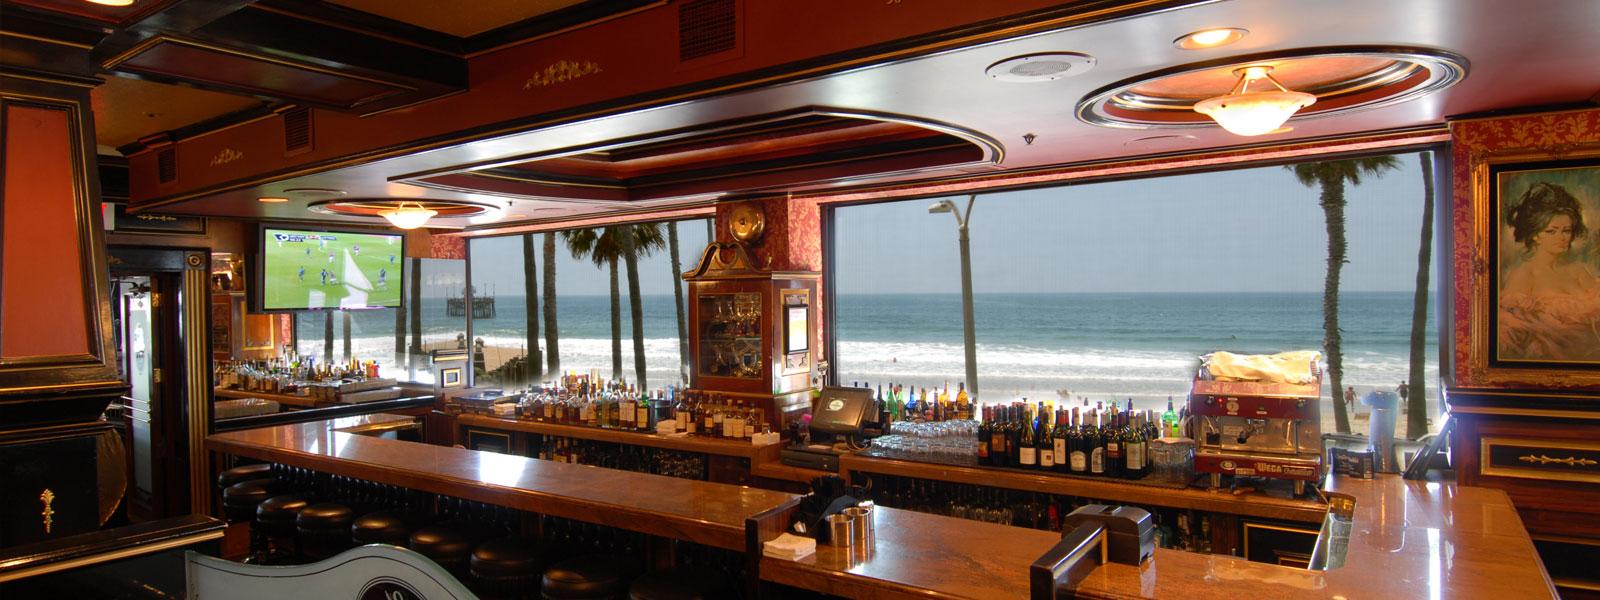 Best Oceanfront Restaurant Newport Beach